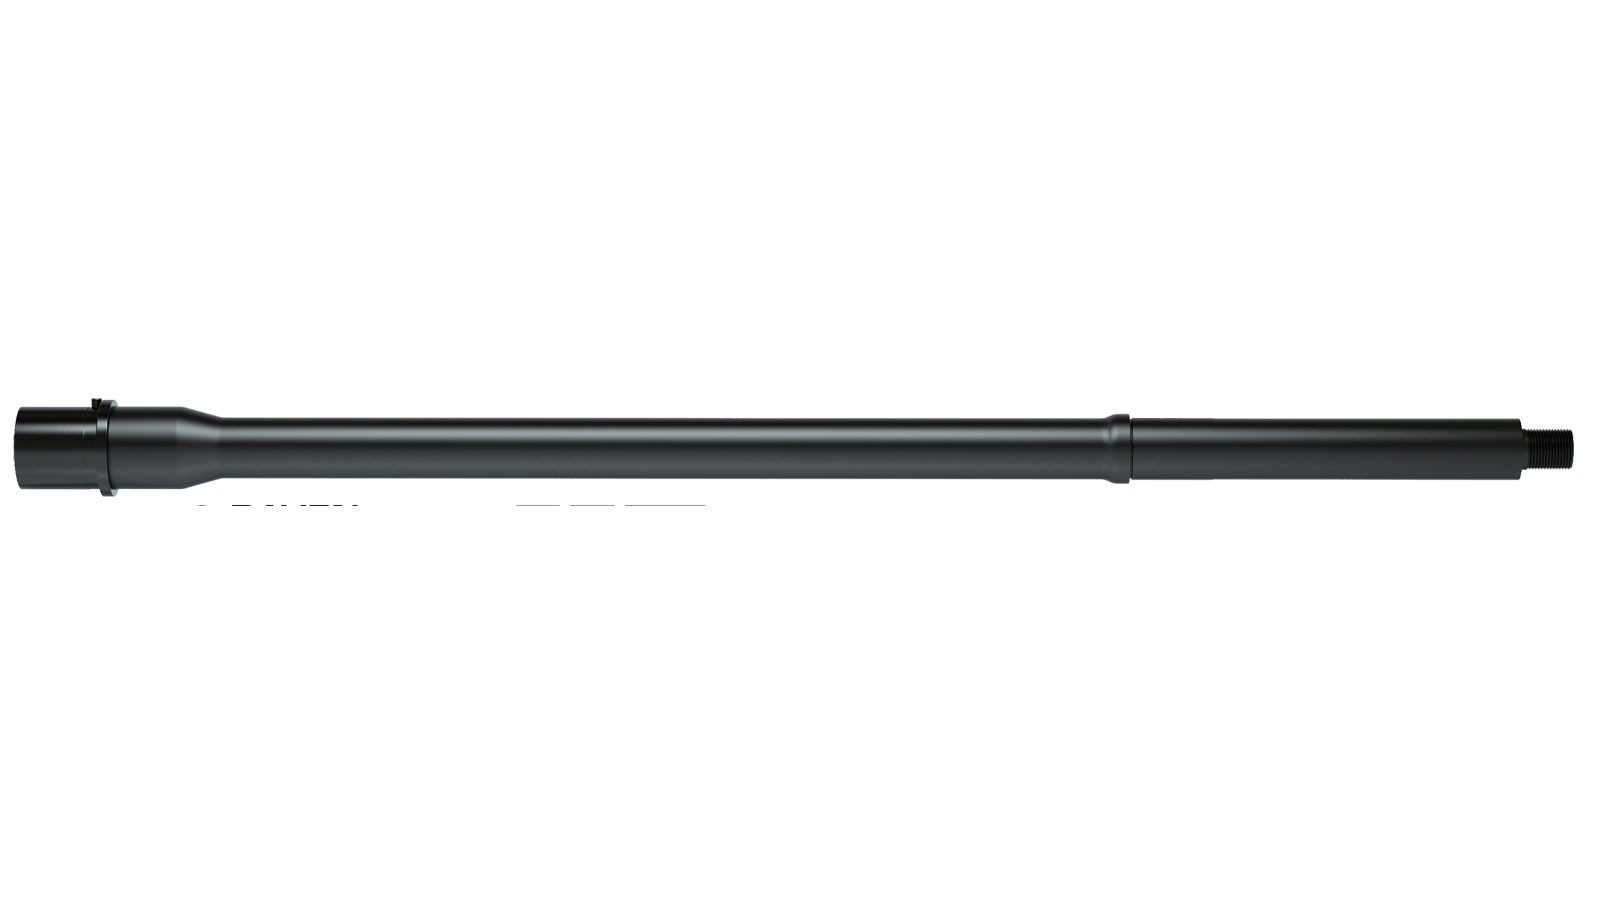 LanTac Raven AR15 Black .223 Wylde 18-inch